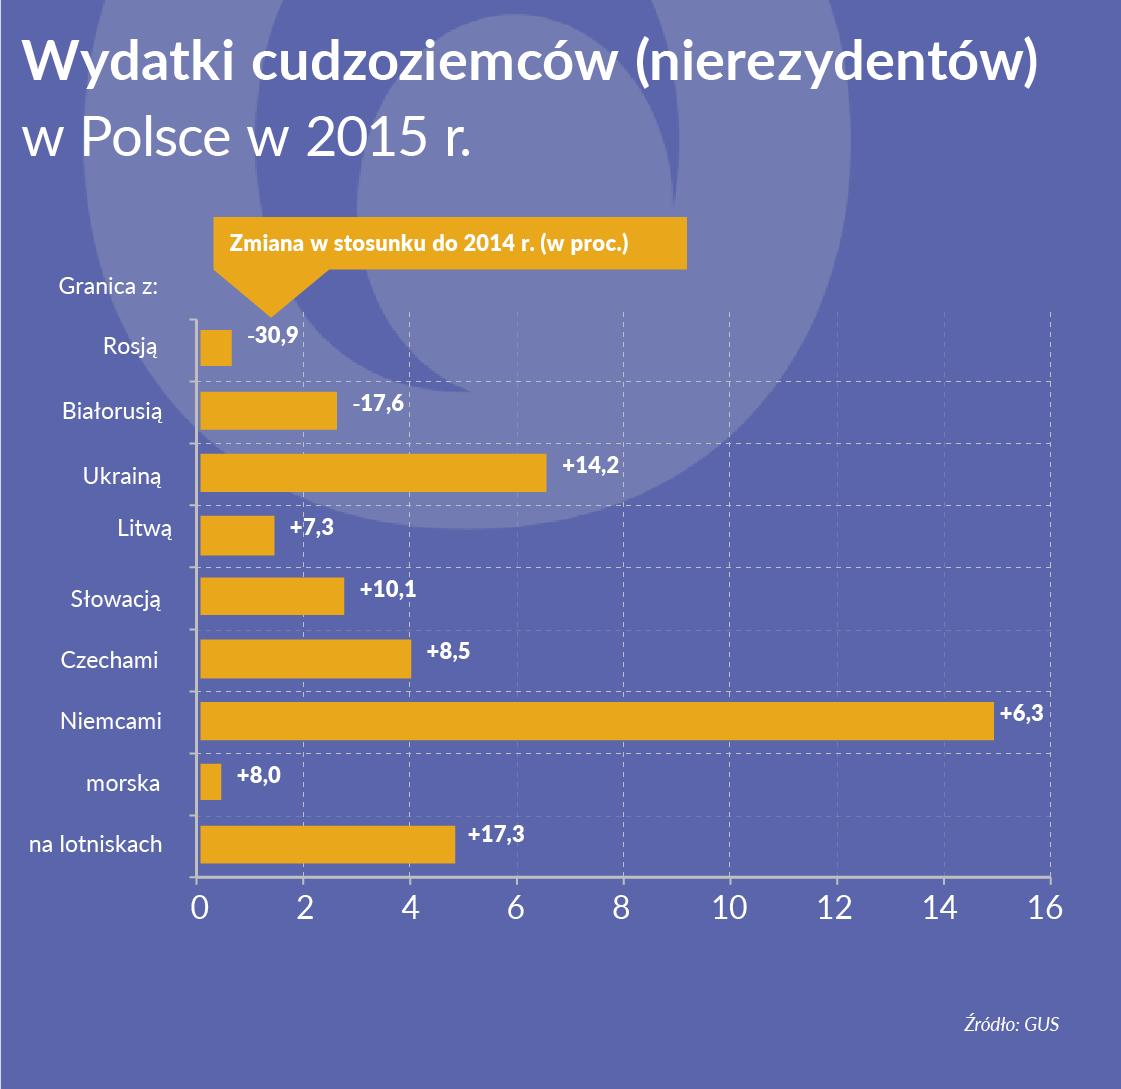 Cudzoziemcy wydają w Polsce średnio 482 złote